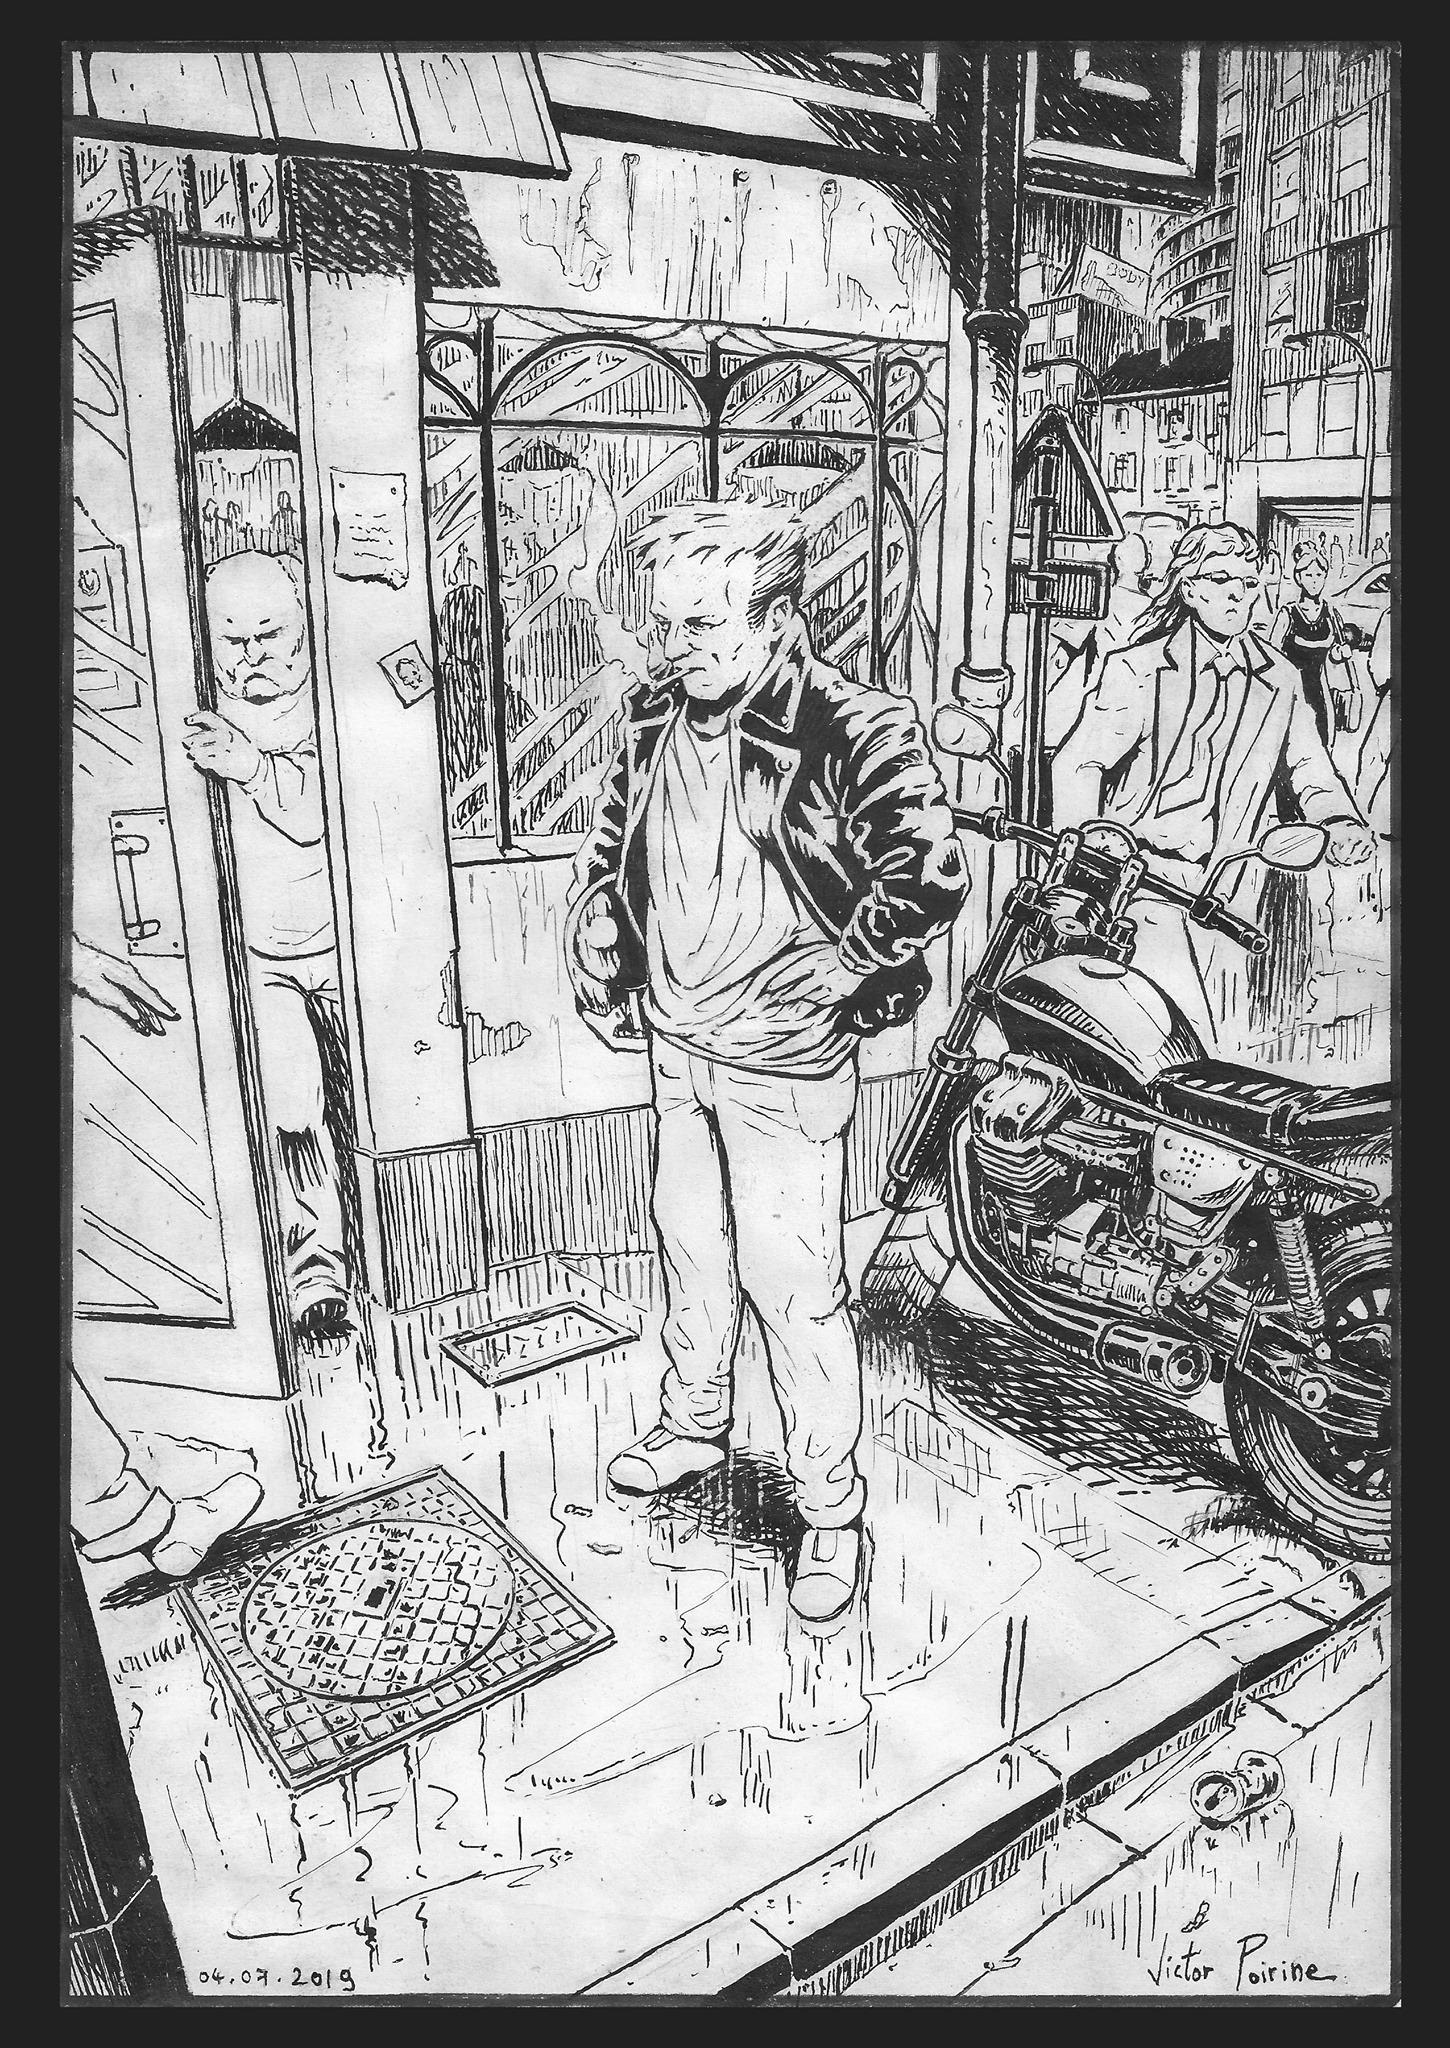 900euros -  Illustration à l\\\'encre de Chine que j\\\'ai développée mais qui à la base était juste une expérimentation sur mes techniques d\\\'encrage inspirées de la BD.